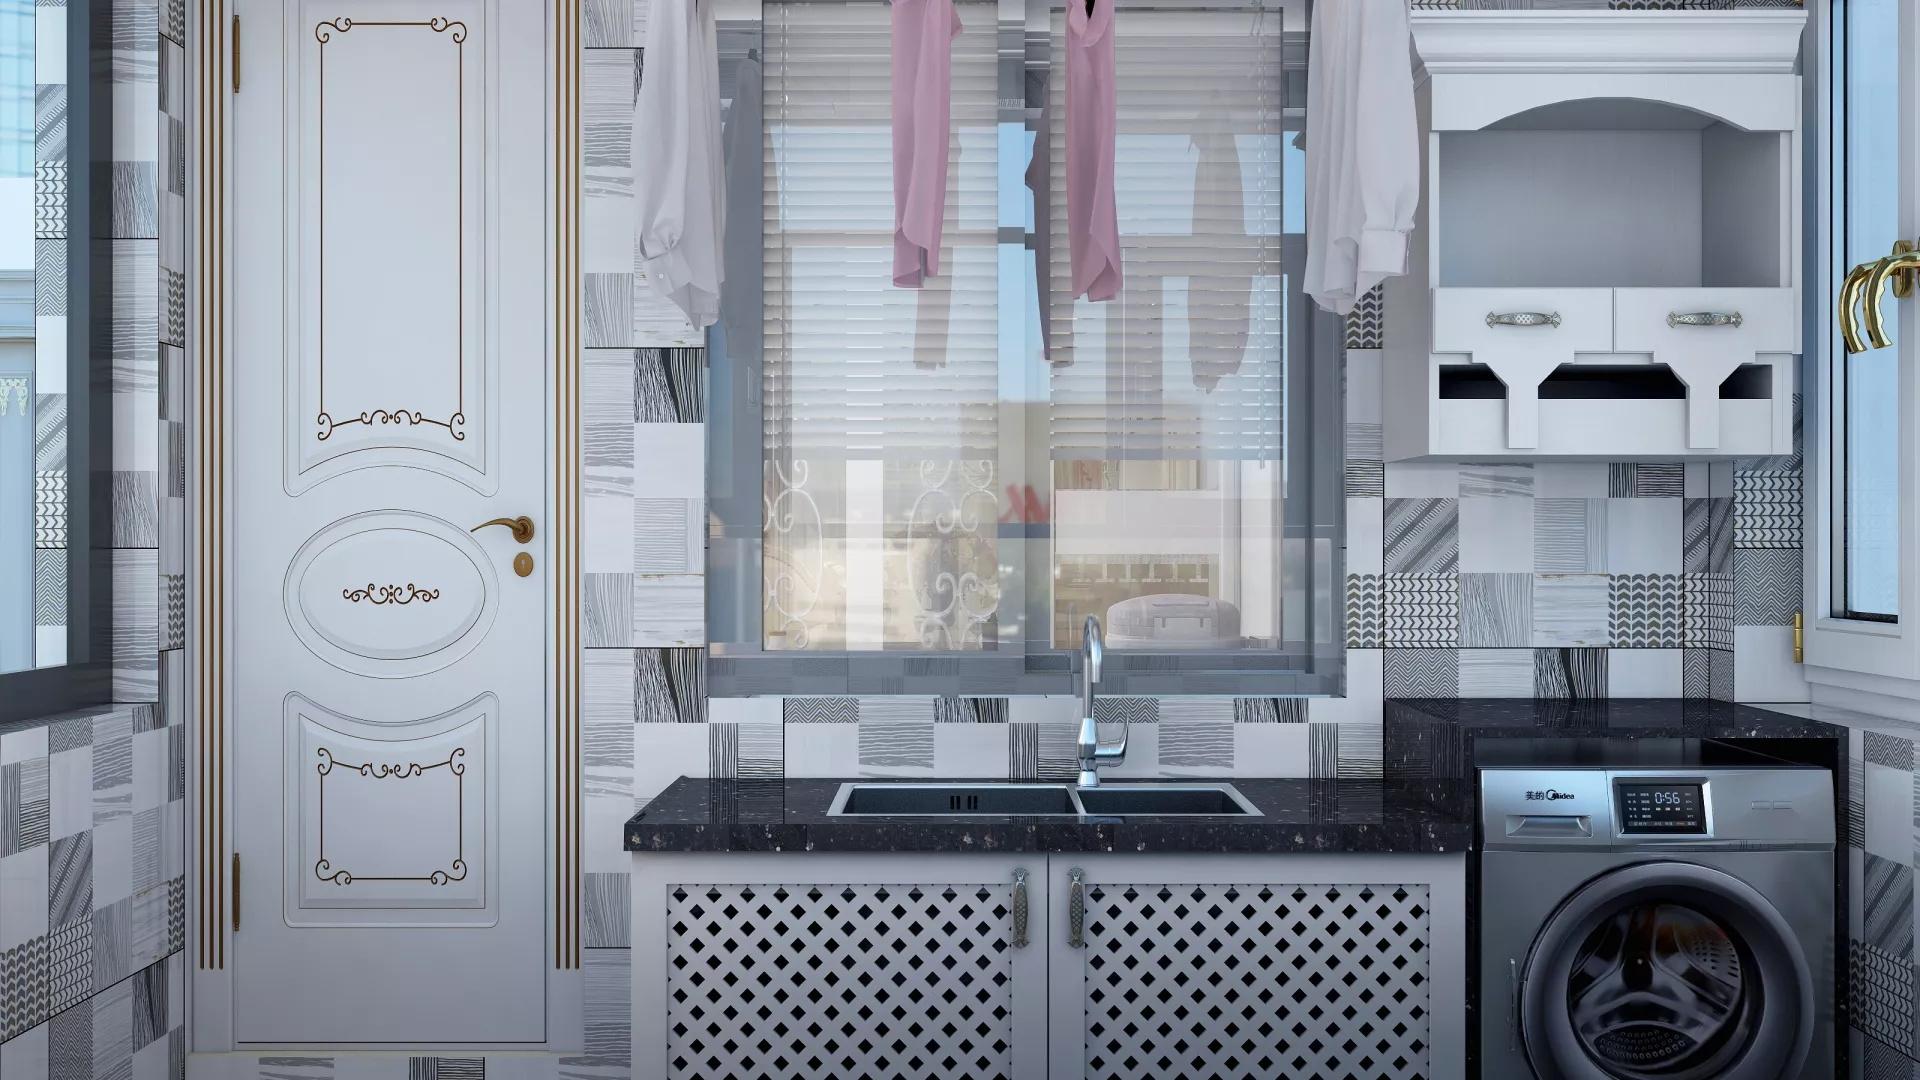 厨房装修注意什么 厨房装修颜色风水禁忌